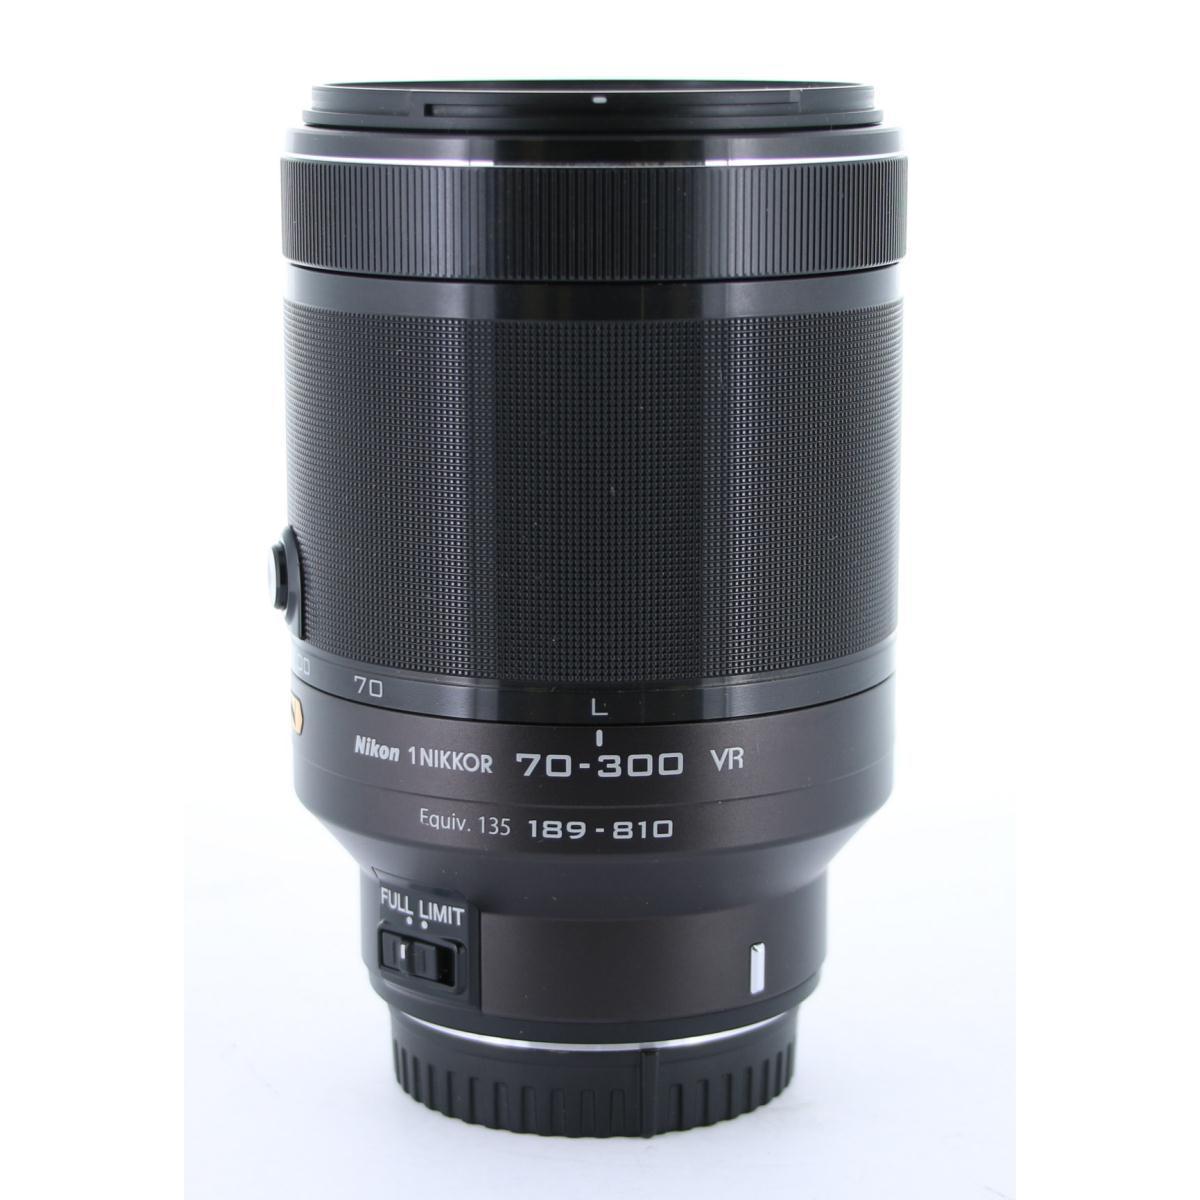 NIKON NIKON1 70-300mm F4.5-5.6VR【中古】